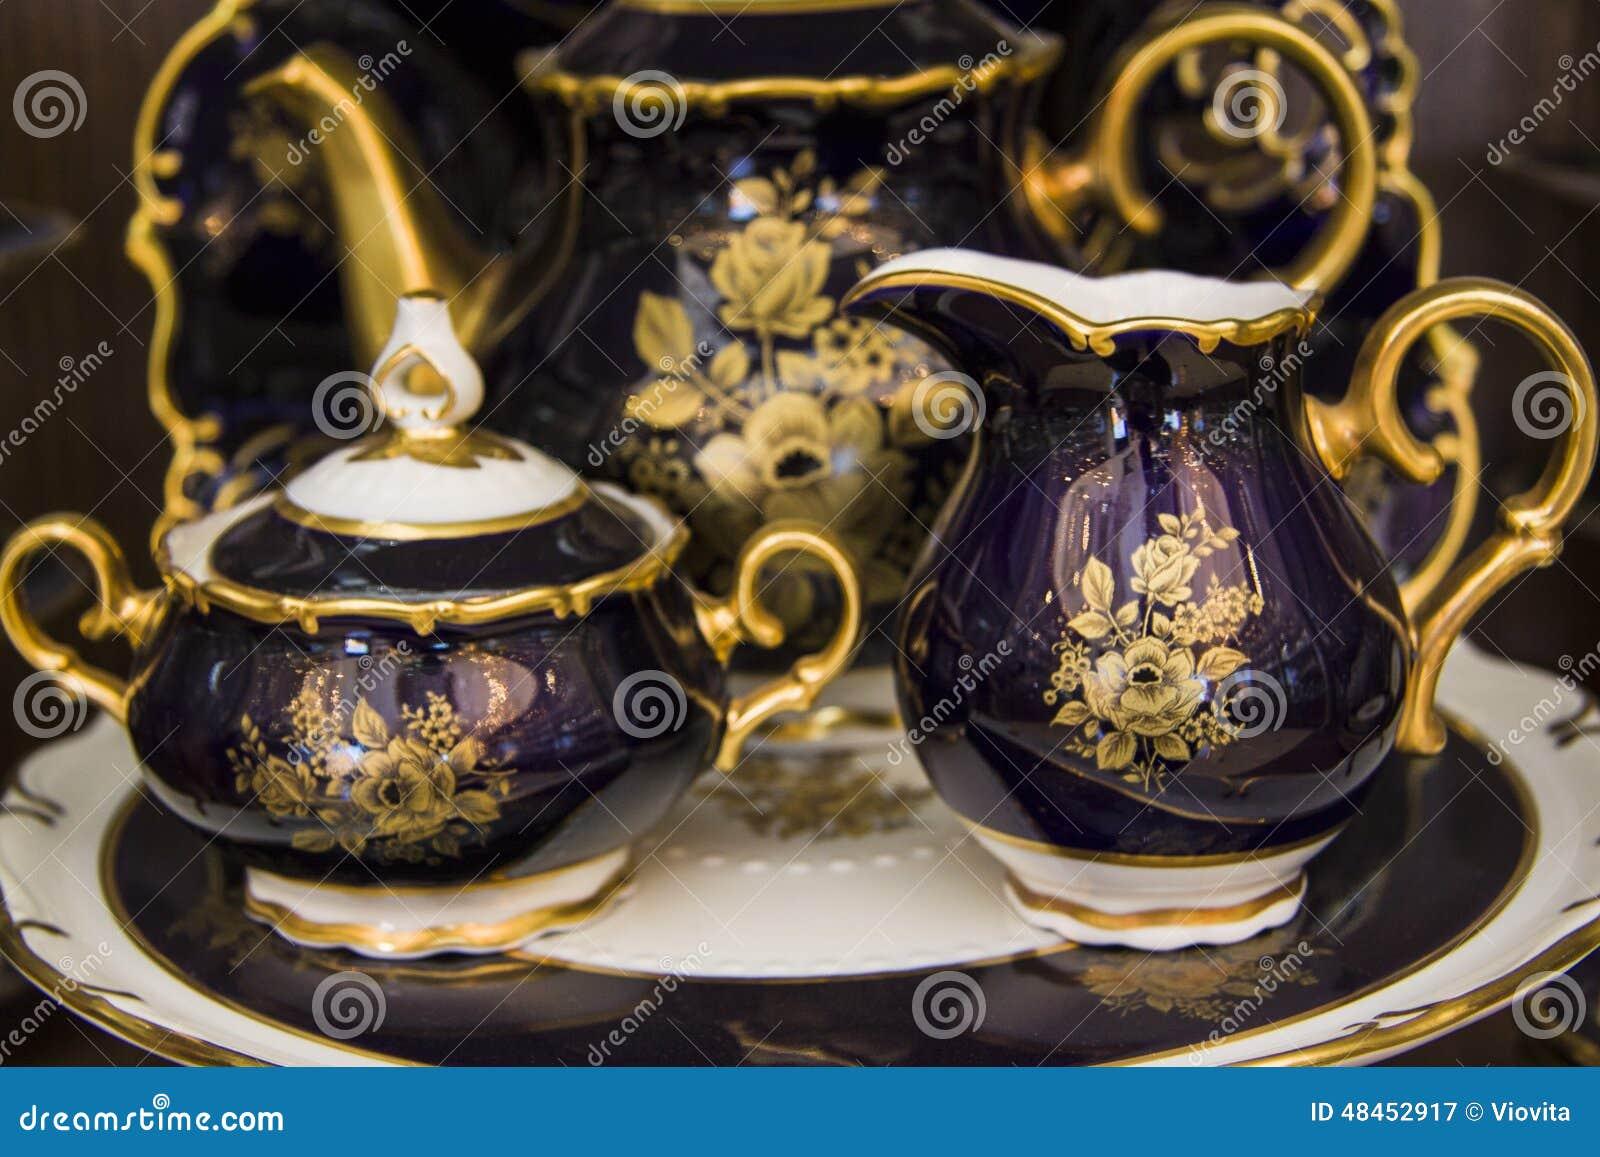 Vessels of beautiful tableware & Vessels Of Beautiful Tableware Stock Image - Image of gift home ...